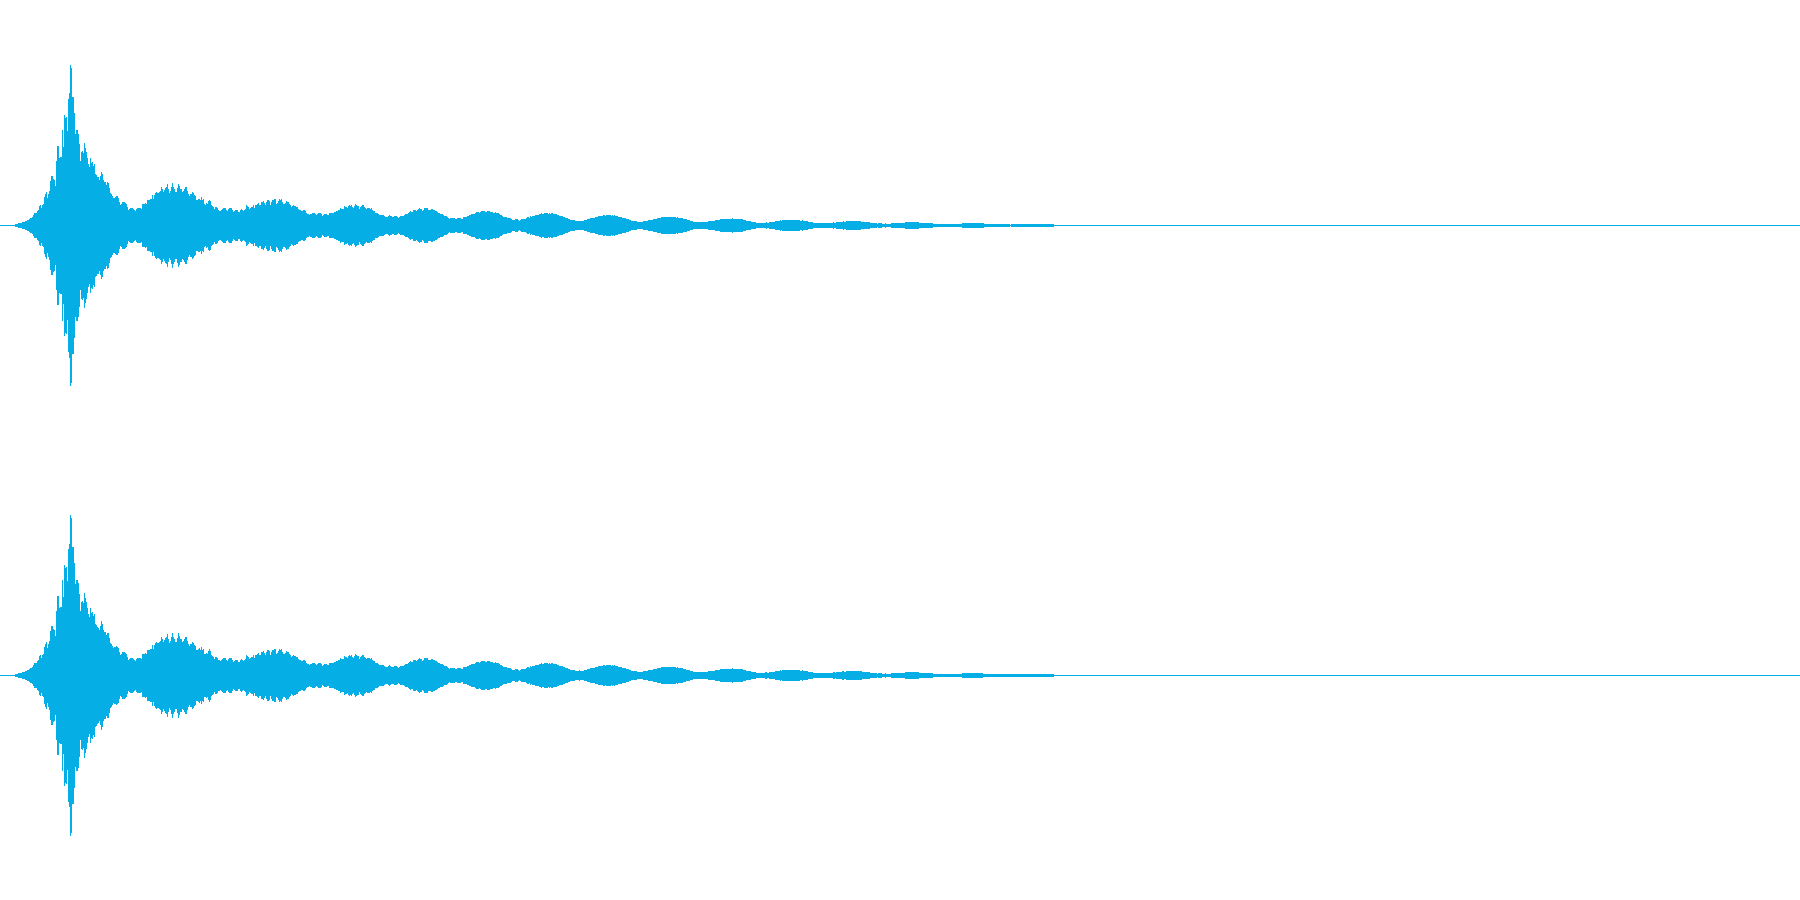 ボヨヨーン(ロング)コミカル効果音の再生済みの波形